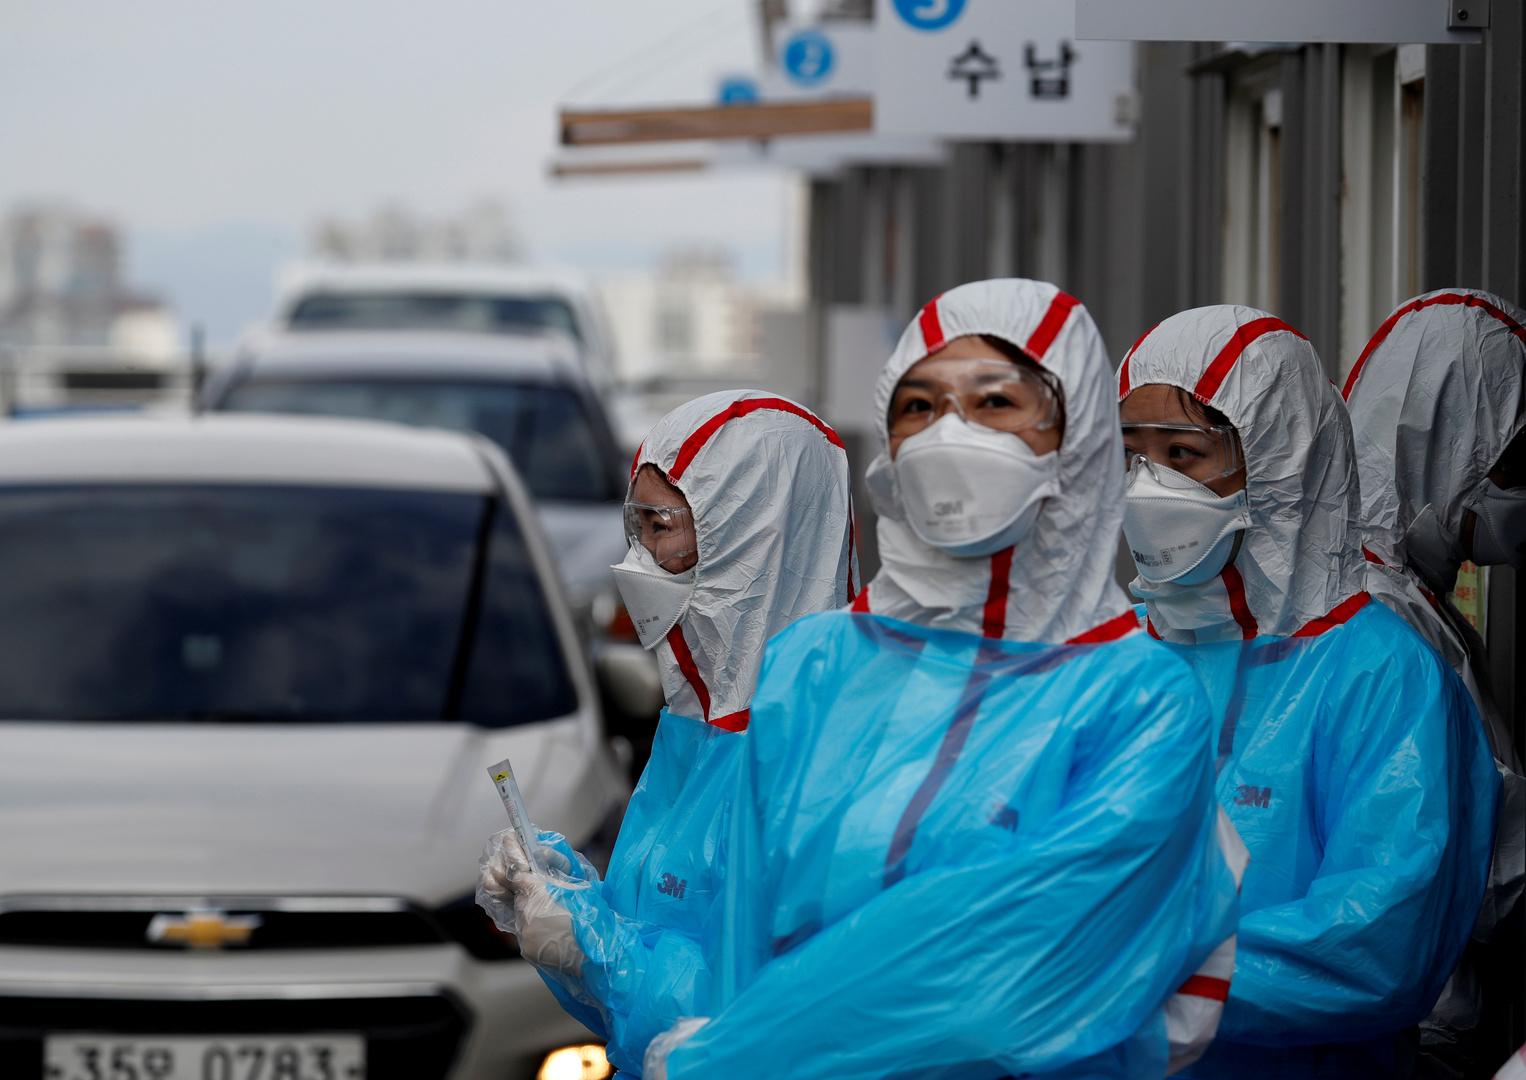 سبعة أسرار ساعدت الصين في التغلب على وباء كورونا